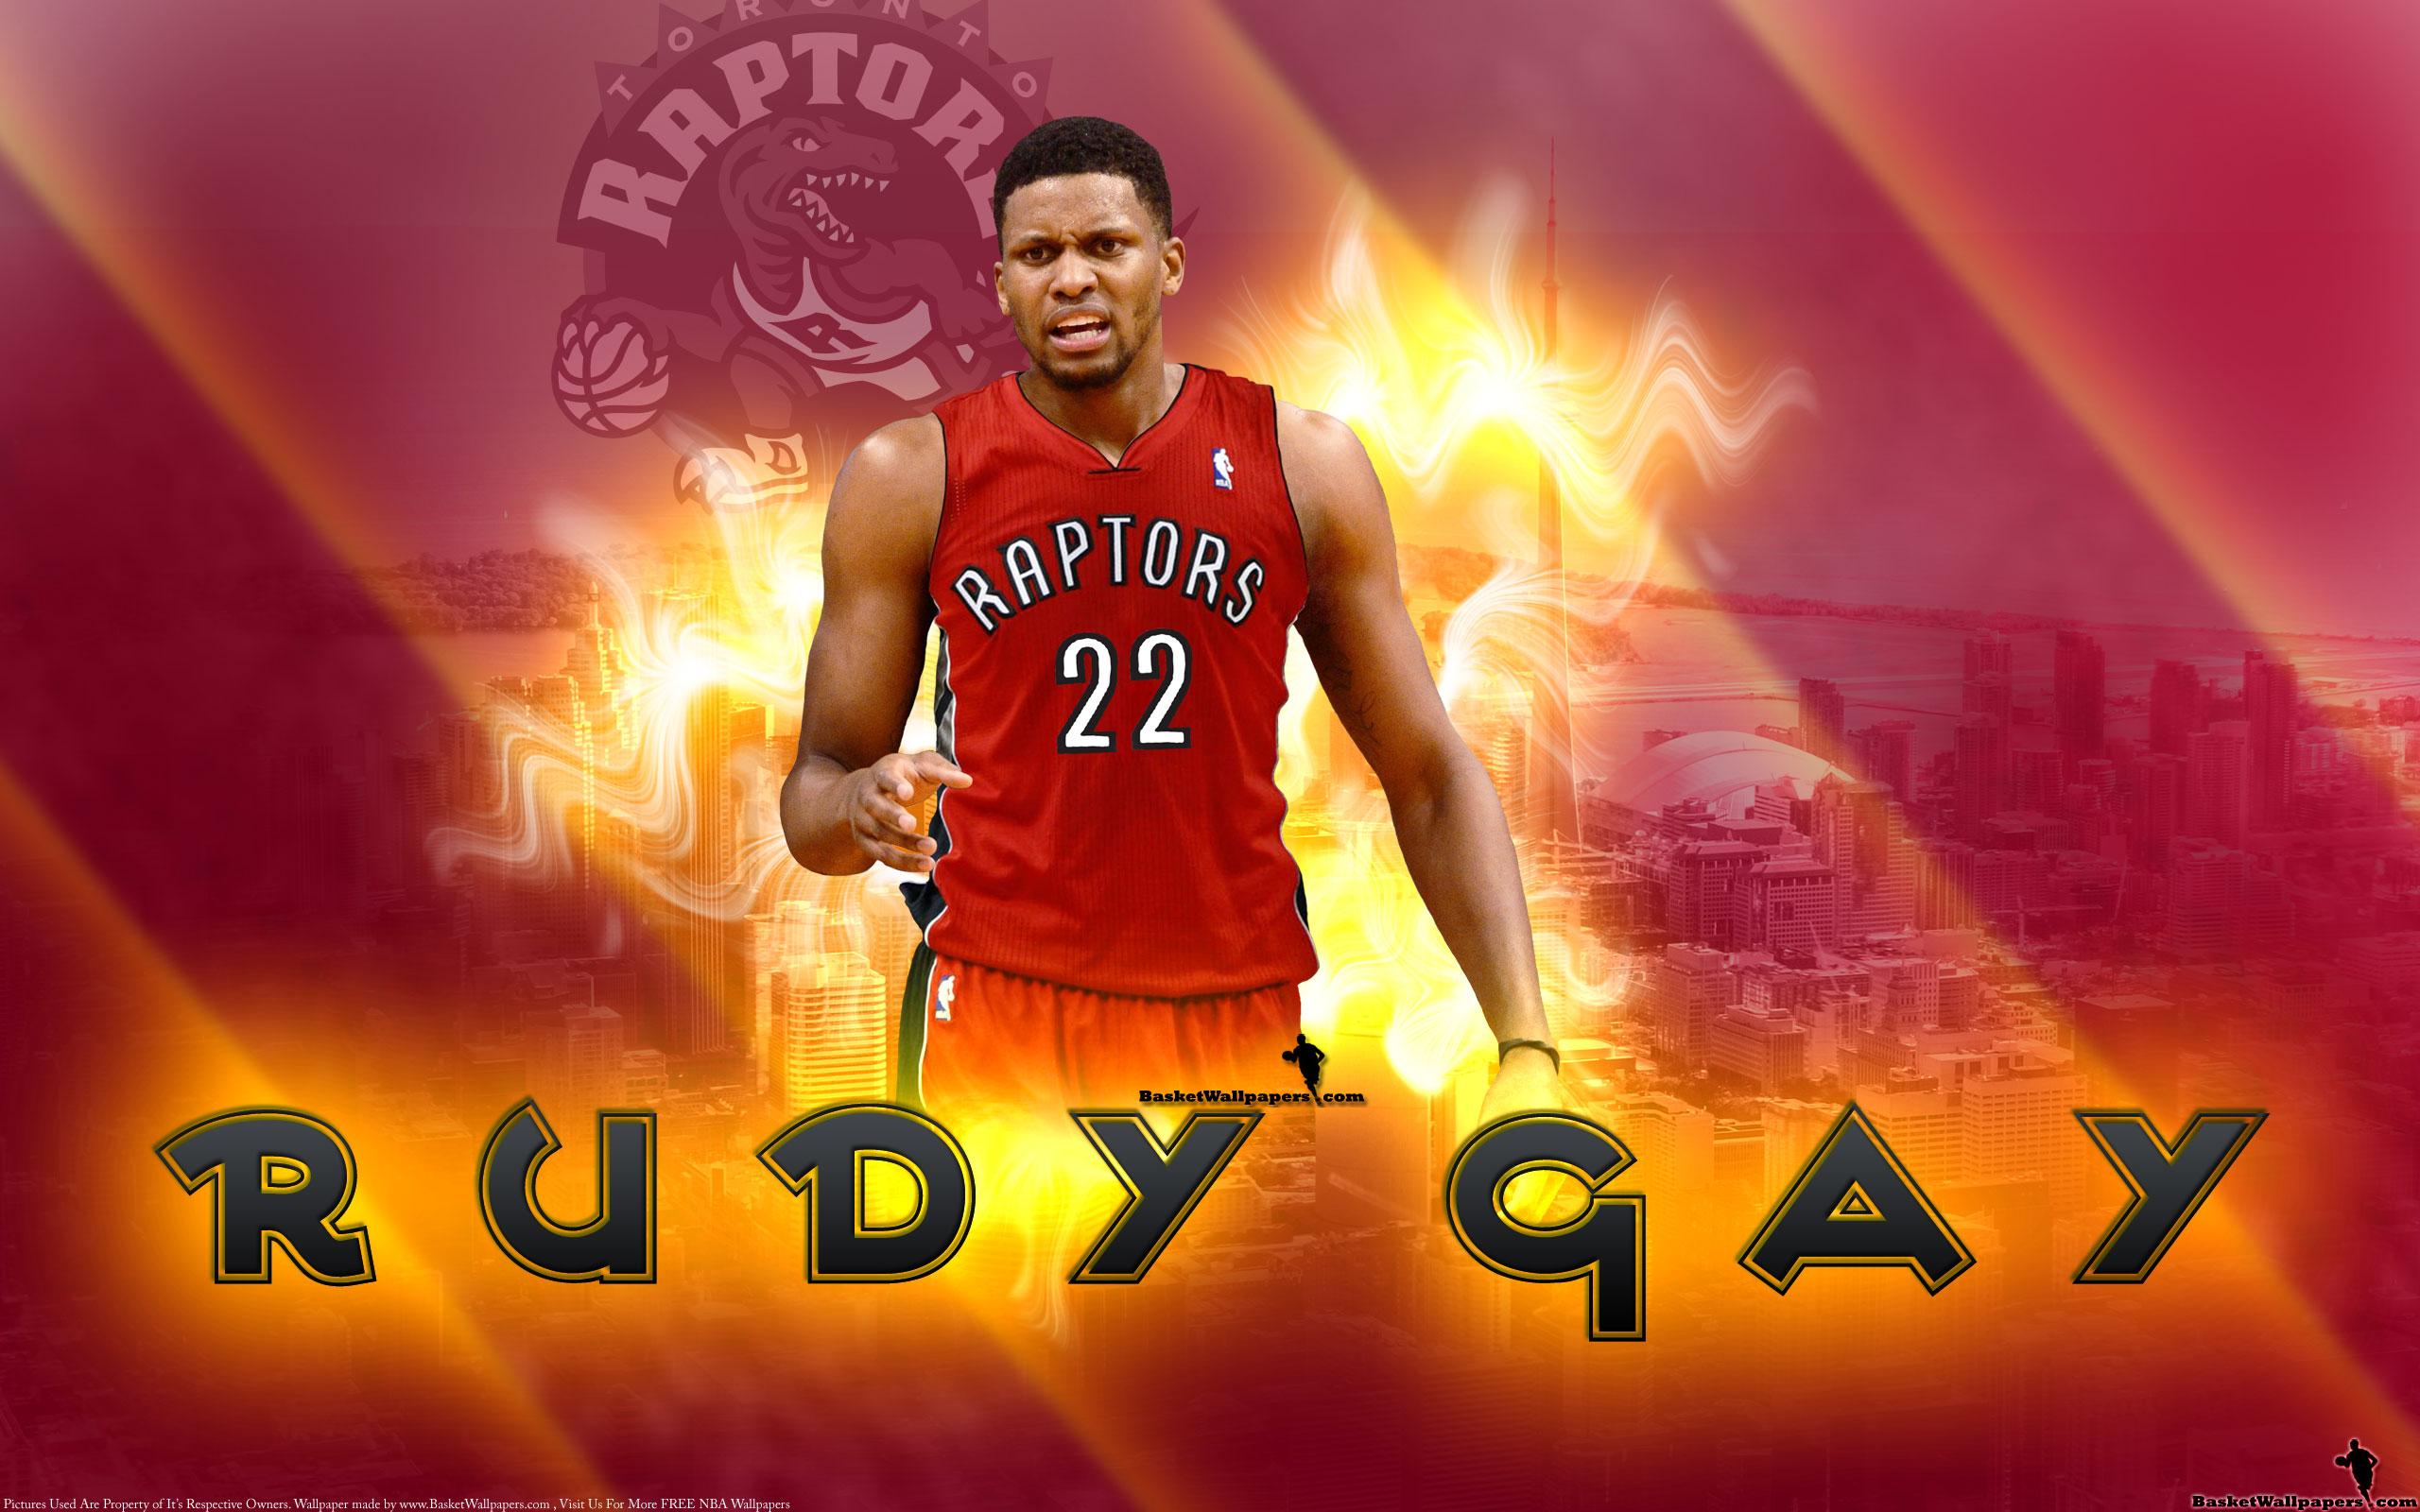 Description Rudy Gay Toronto Raptors 2013 is a hi res Wallpaper for 2560x1600